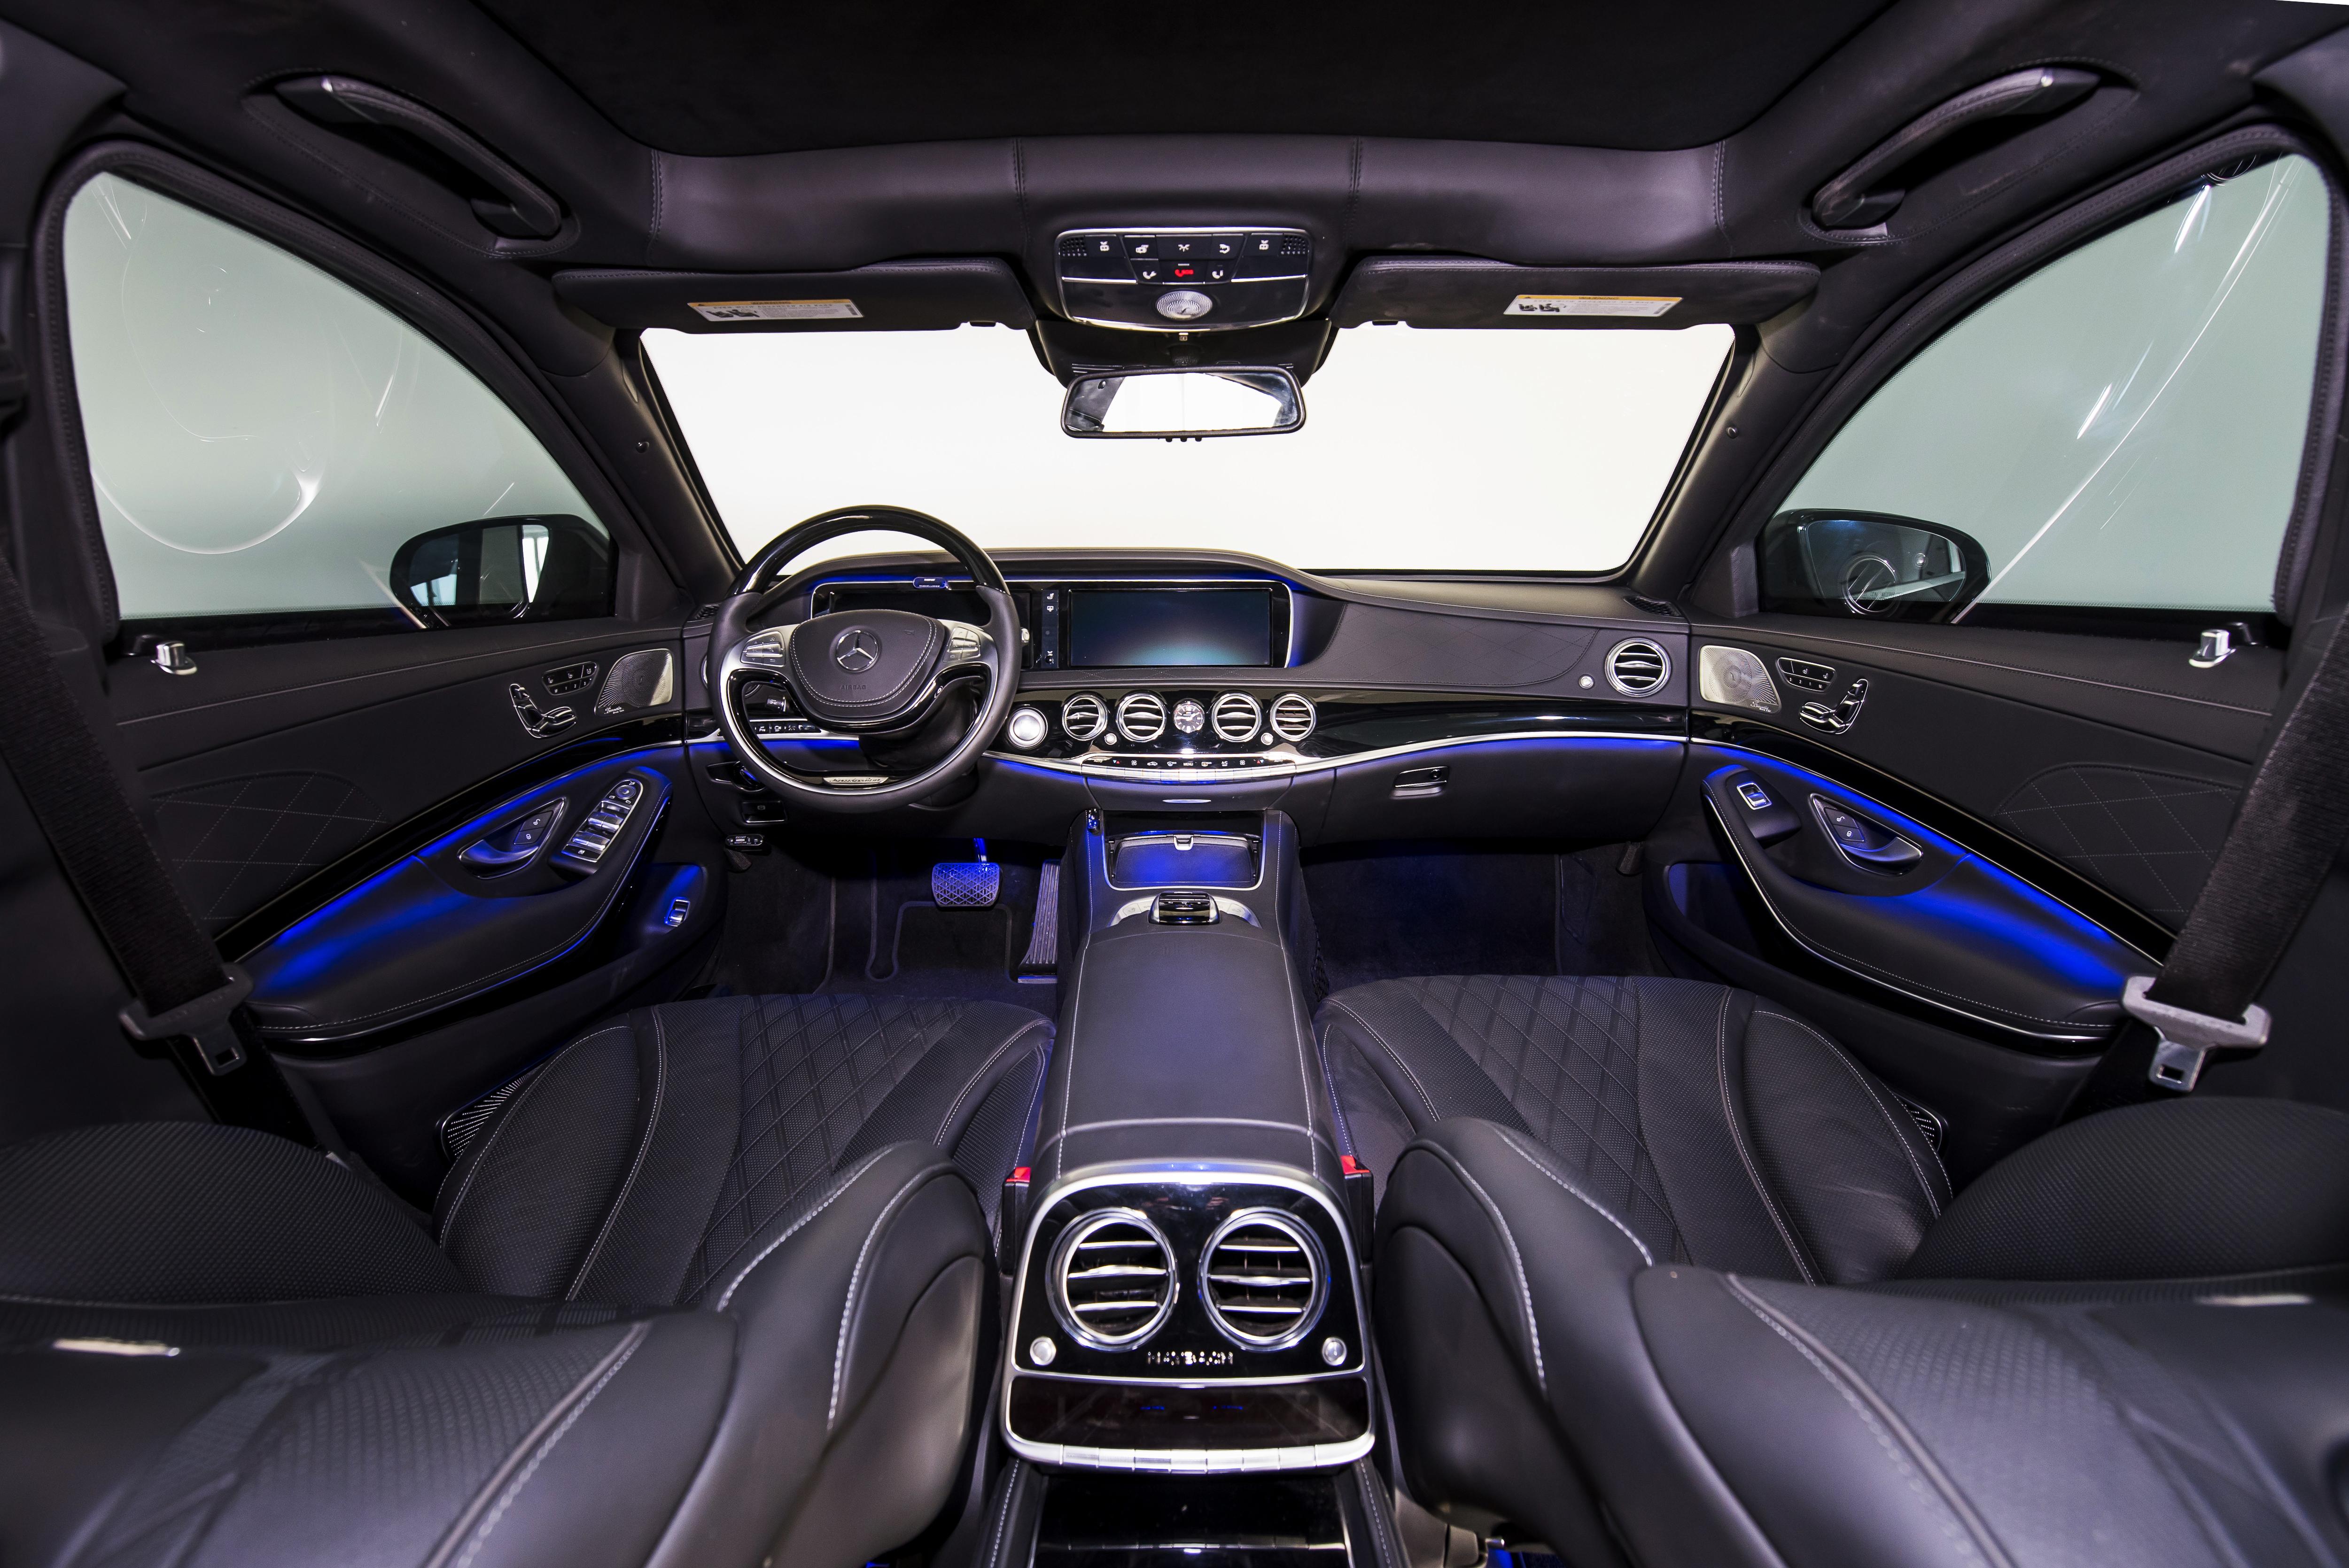 2016 Mercedes-Maybach S600 (6) - BenzInsider.com - A ...